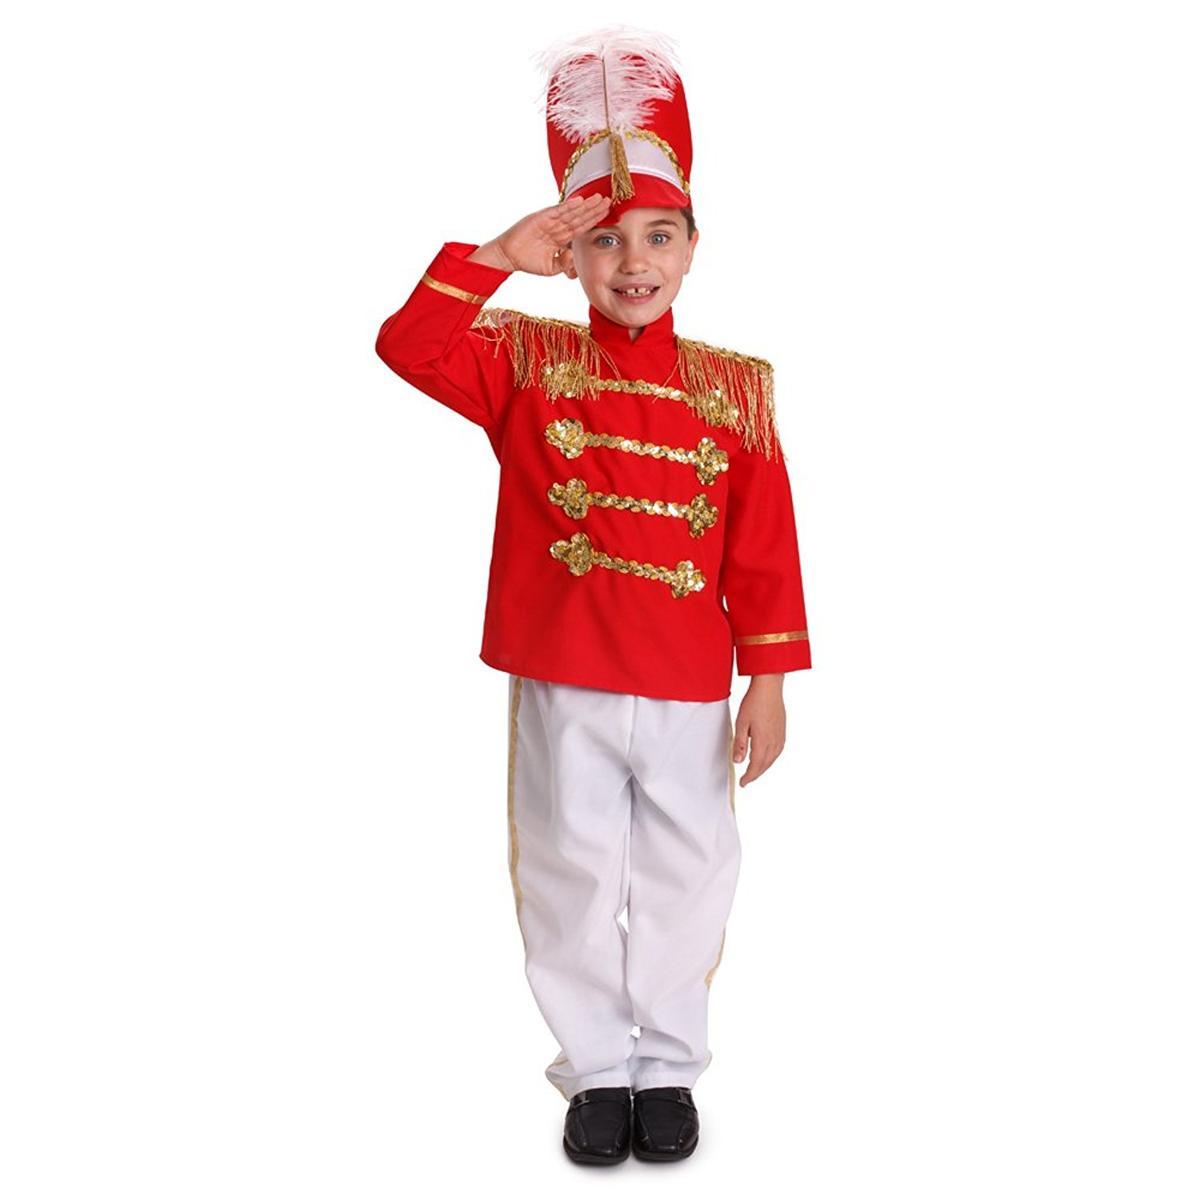 マーチングバンド 楽隊長 リーダー 衣装 コスチューム 子供 男の子